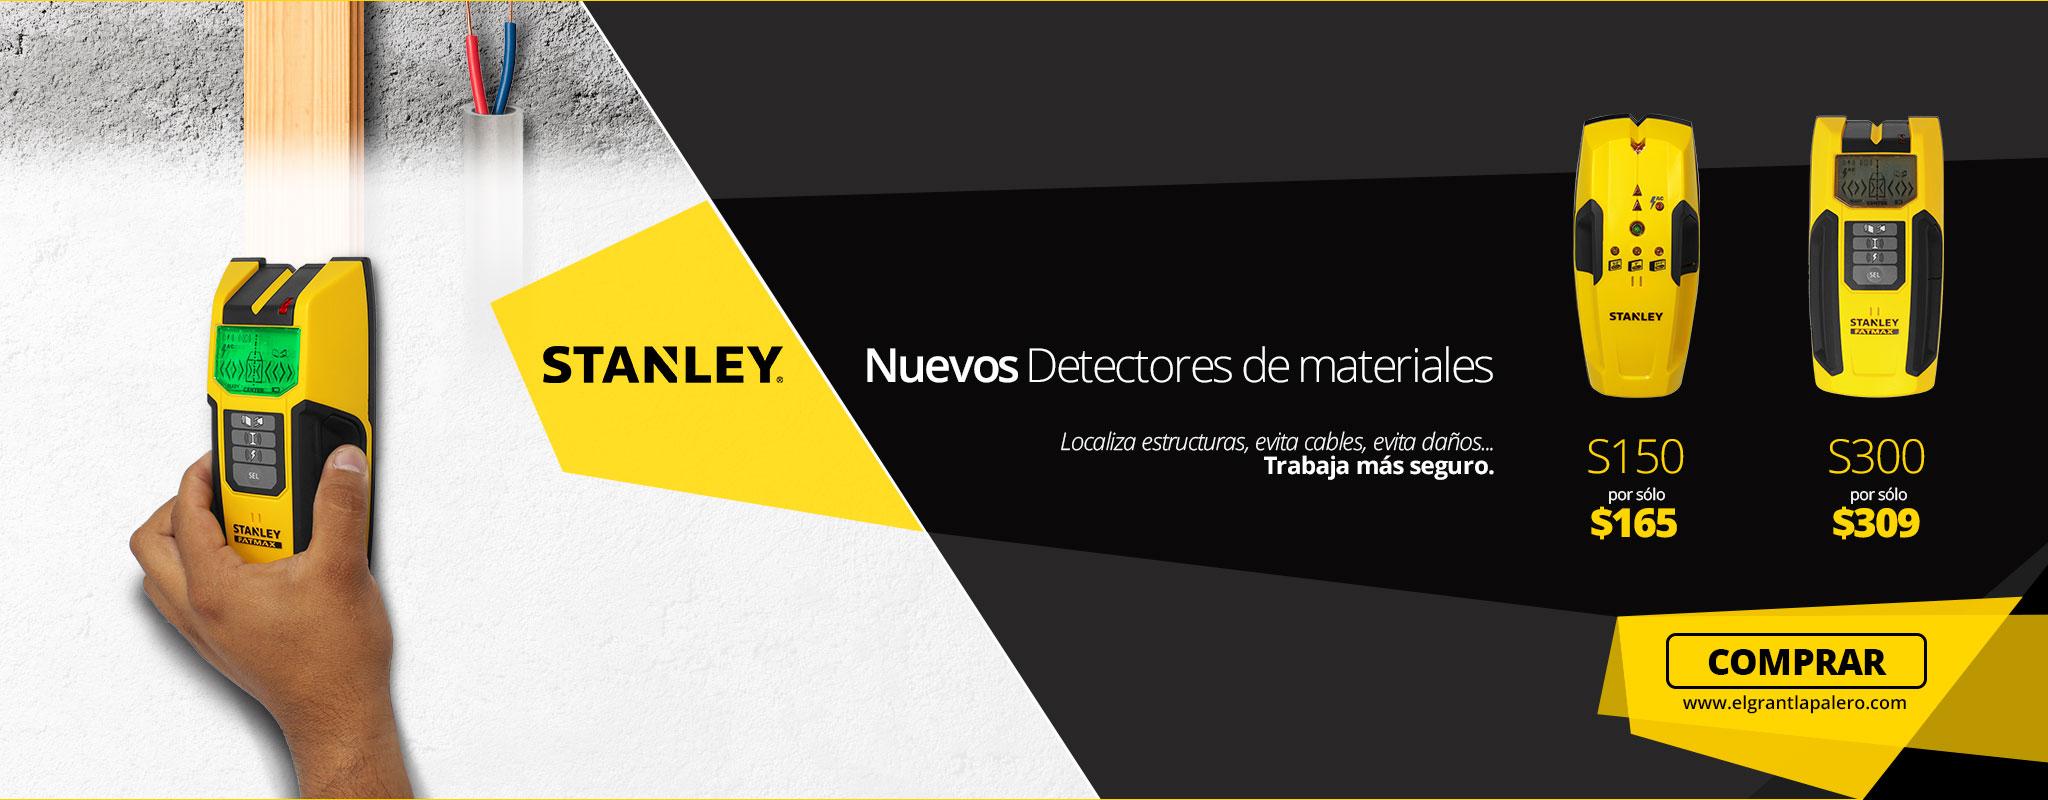 Conoce los nuevos detectores de materiales Stanley